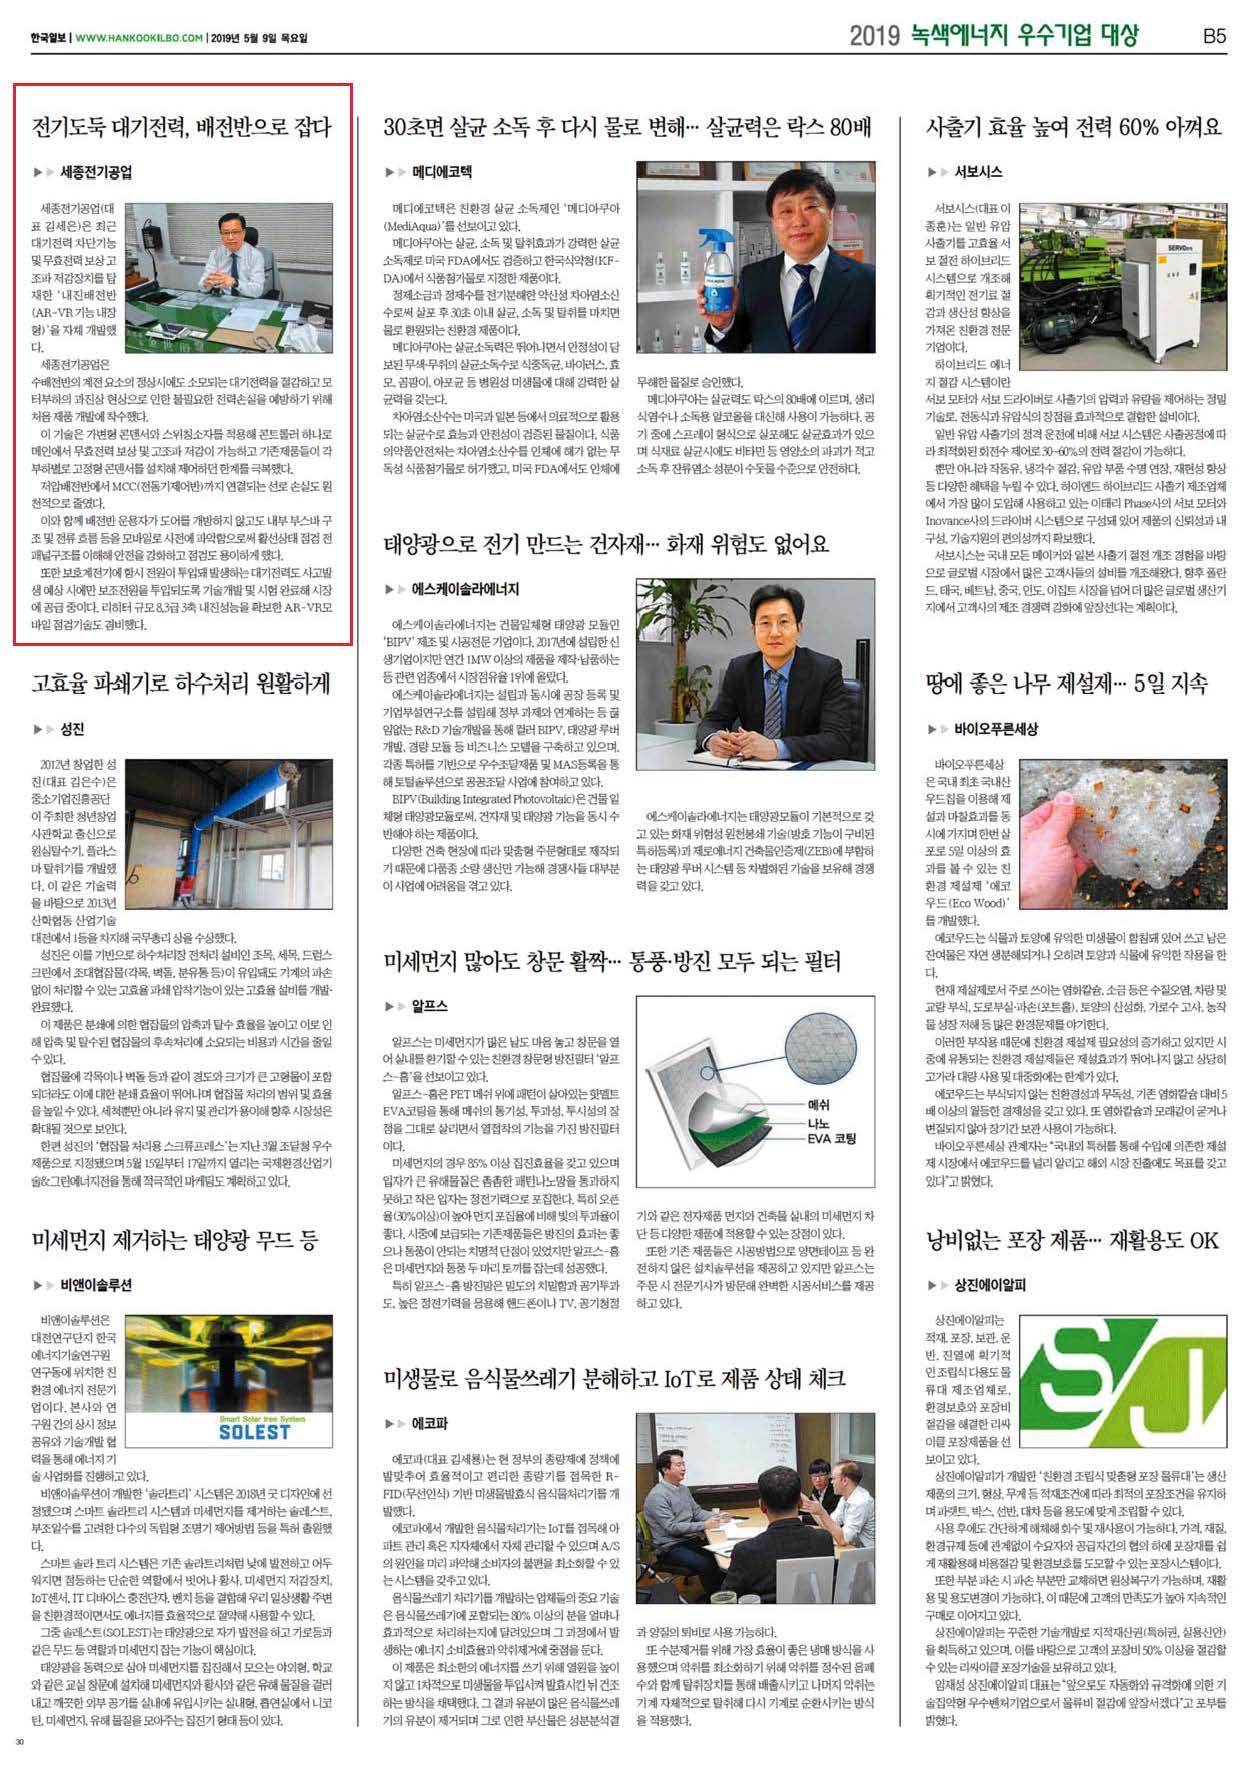 [한국일보] 2019 녹색에너지 우수기업 대상